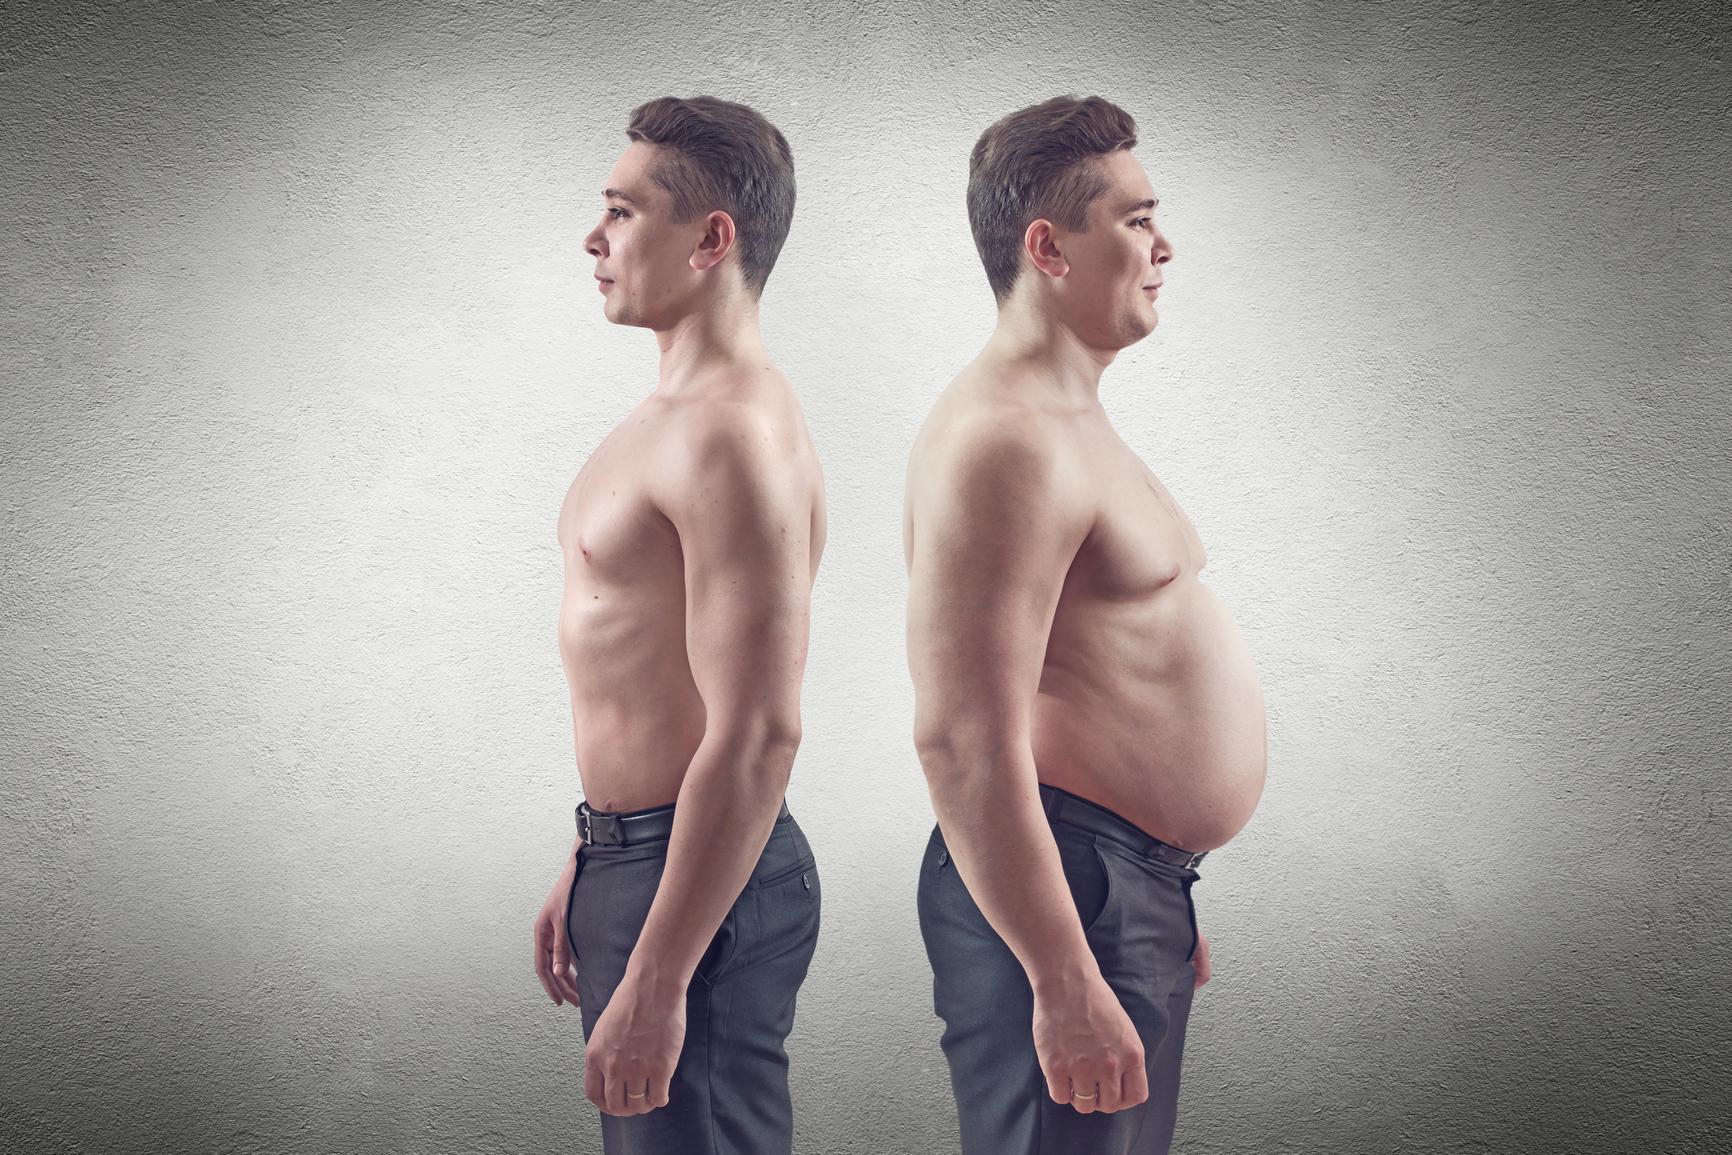 Худая девочка и толстый мужик порно 21 фотография